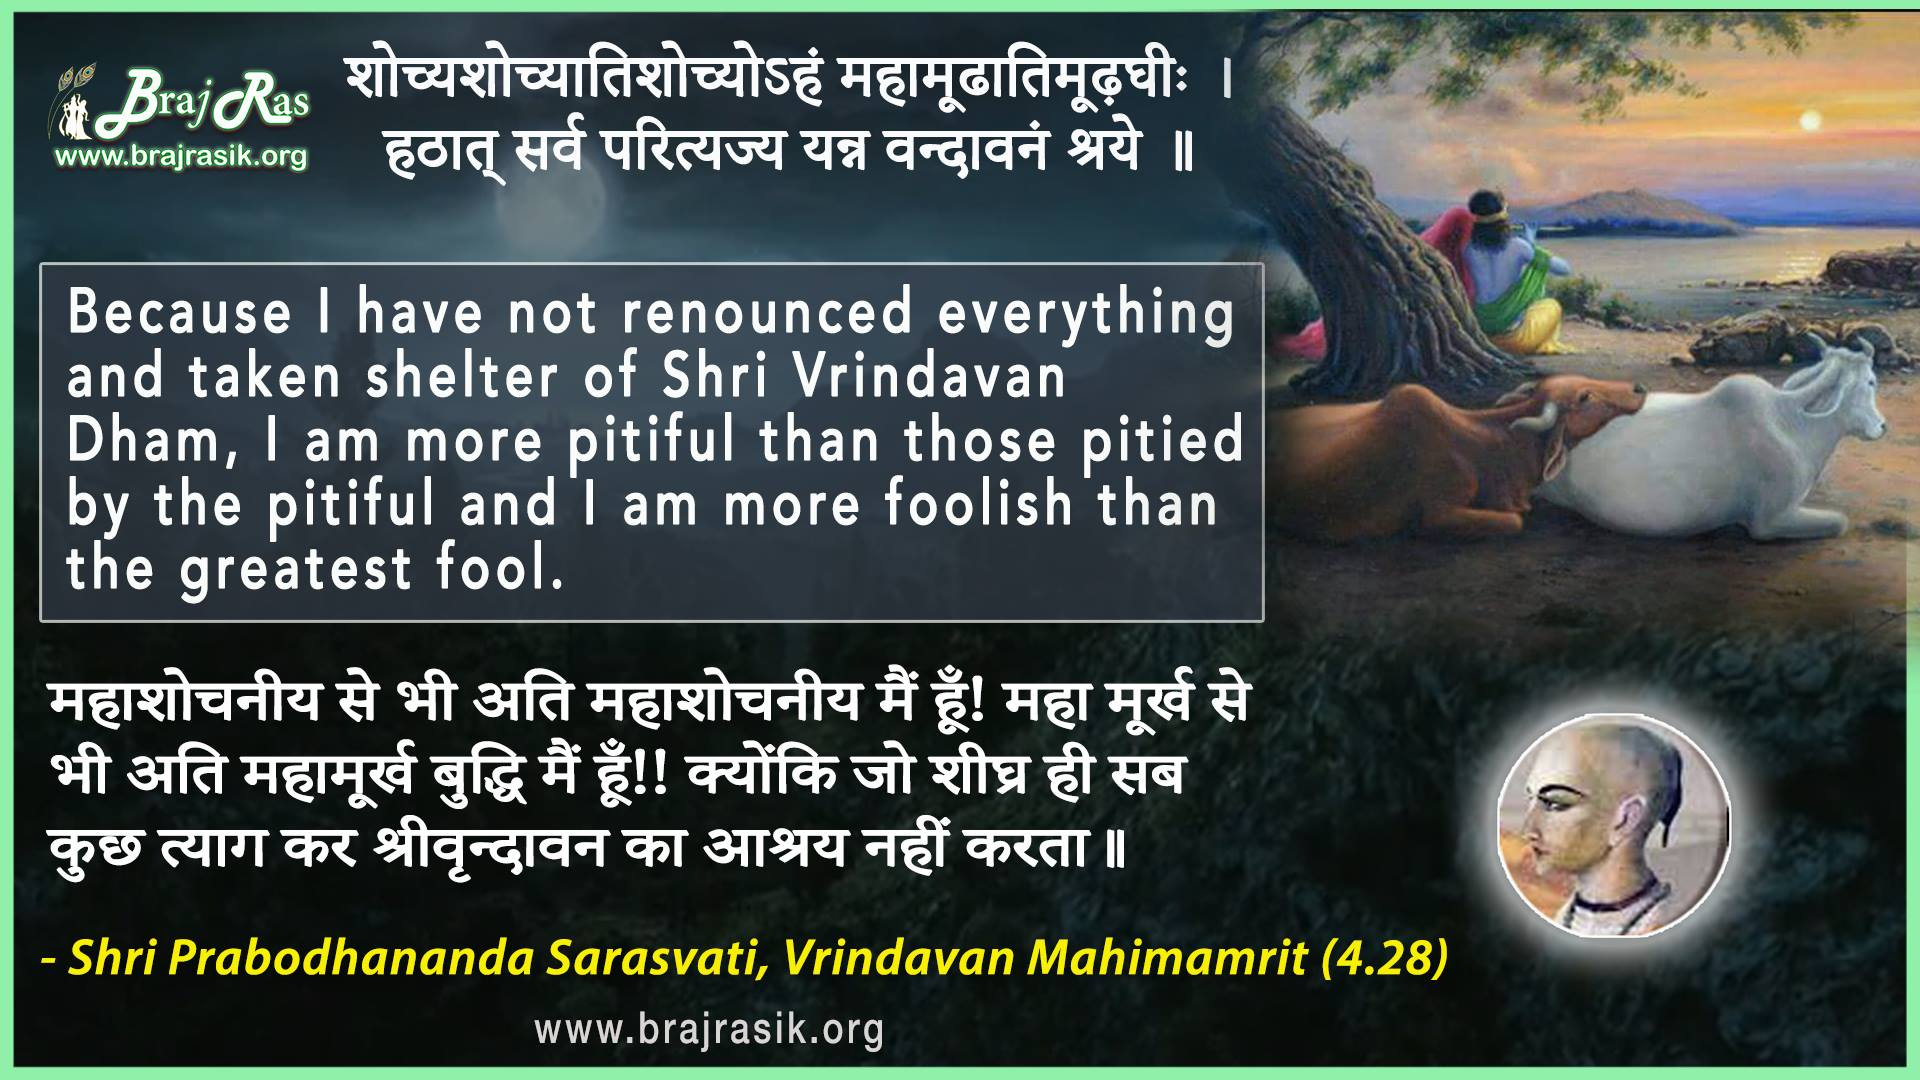 Sochya sochyati Sochyoham - Shri Prabodhananda Sarasvati, Vrindavan Mahimamrit (4.28)